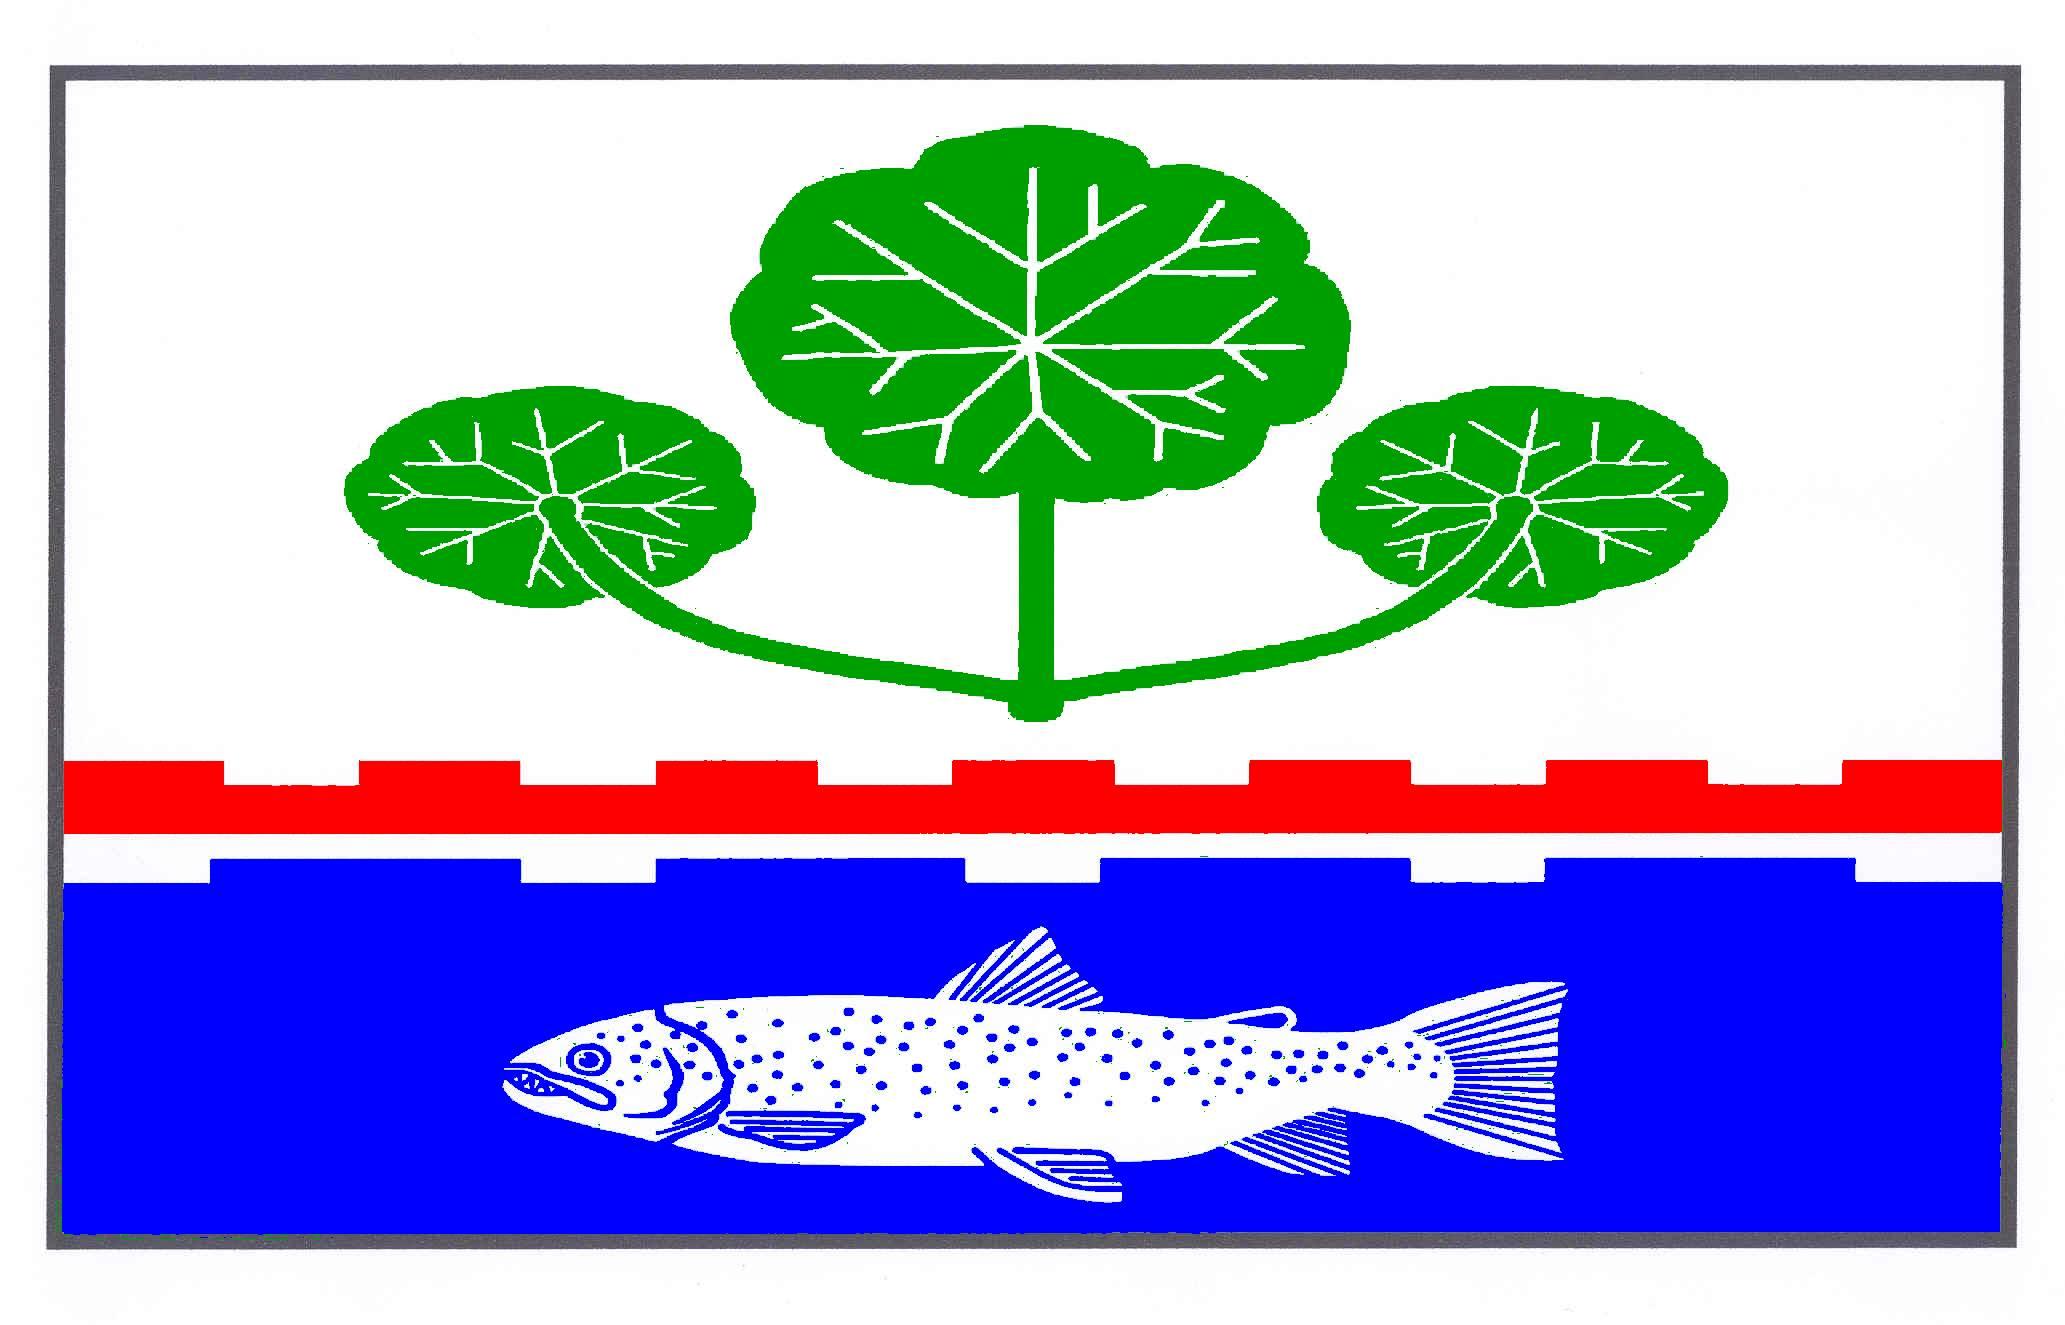 Flagge GemeindeHitzhusen, Kreis Segeberg